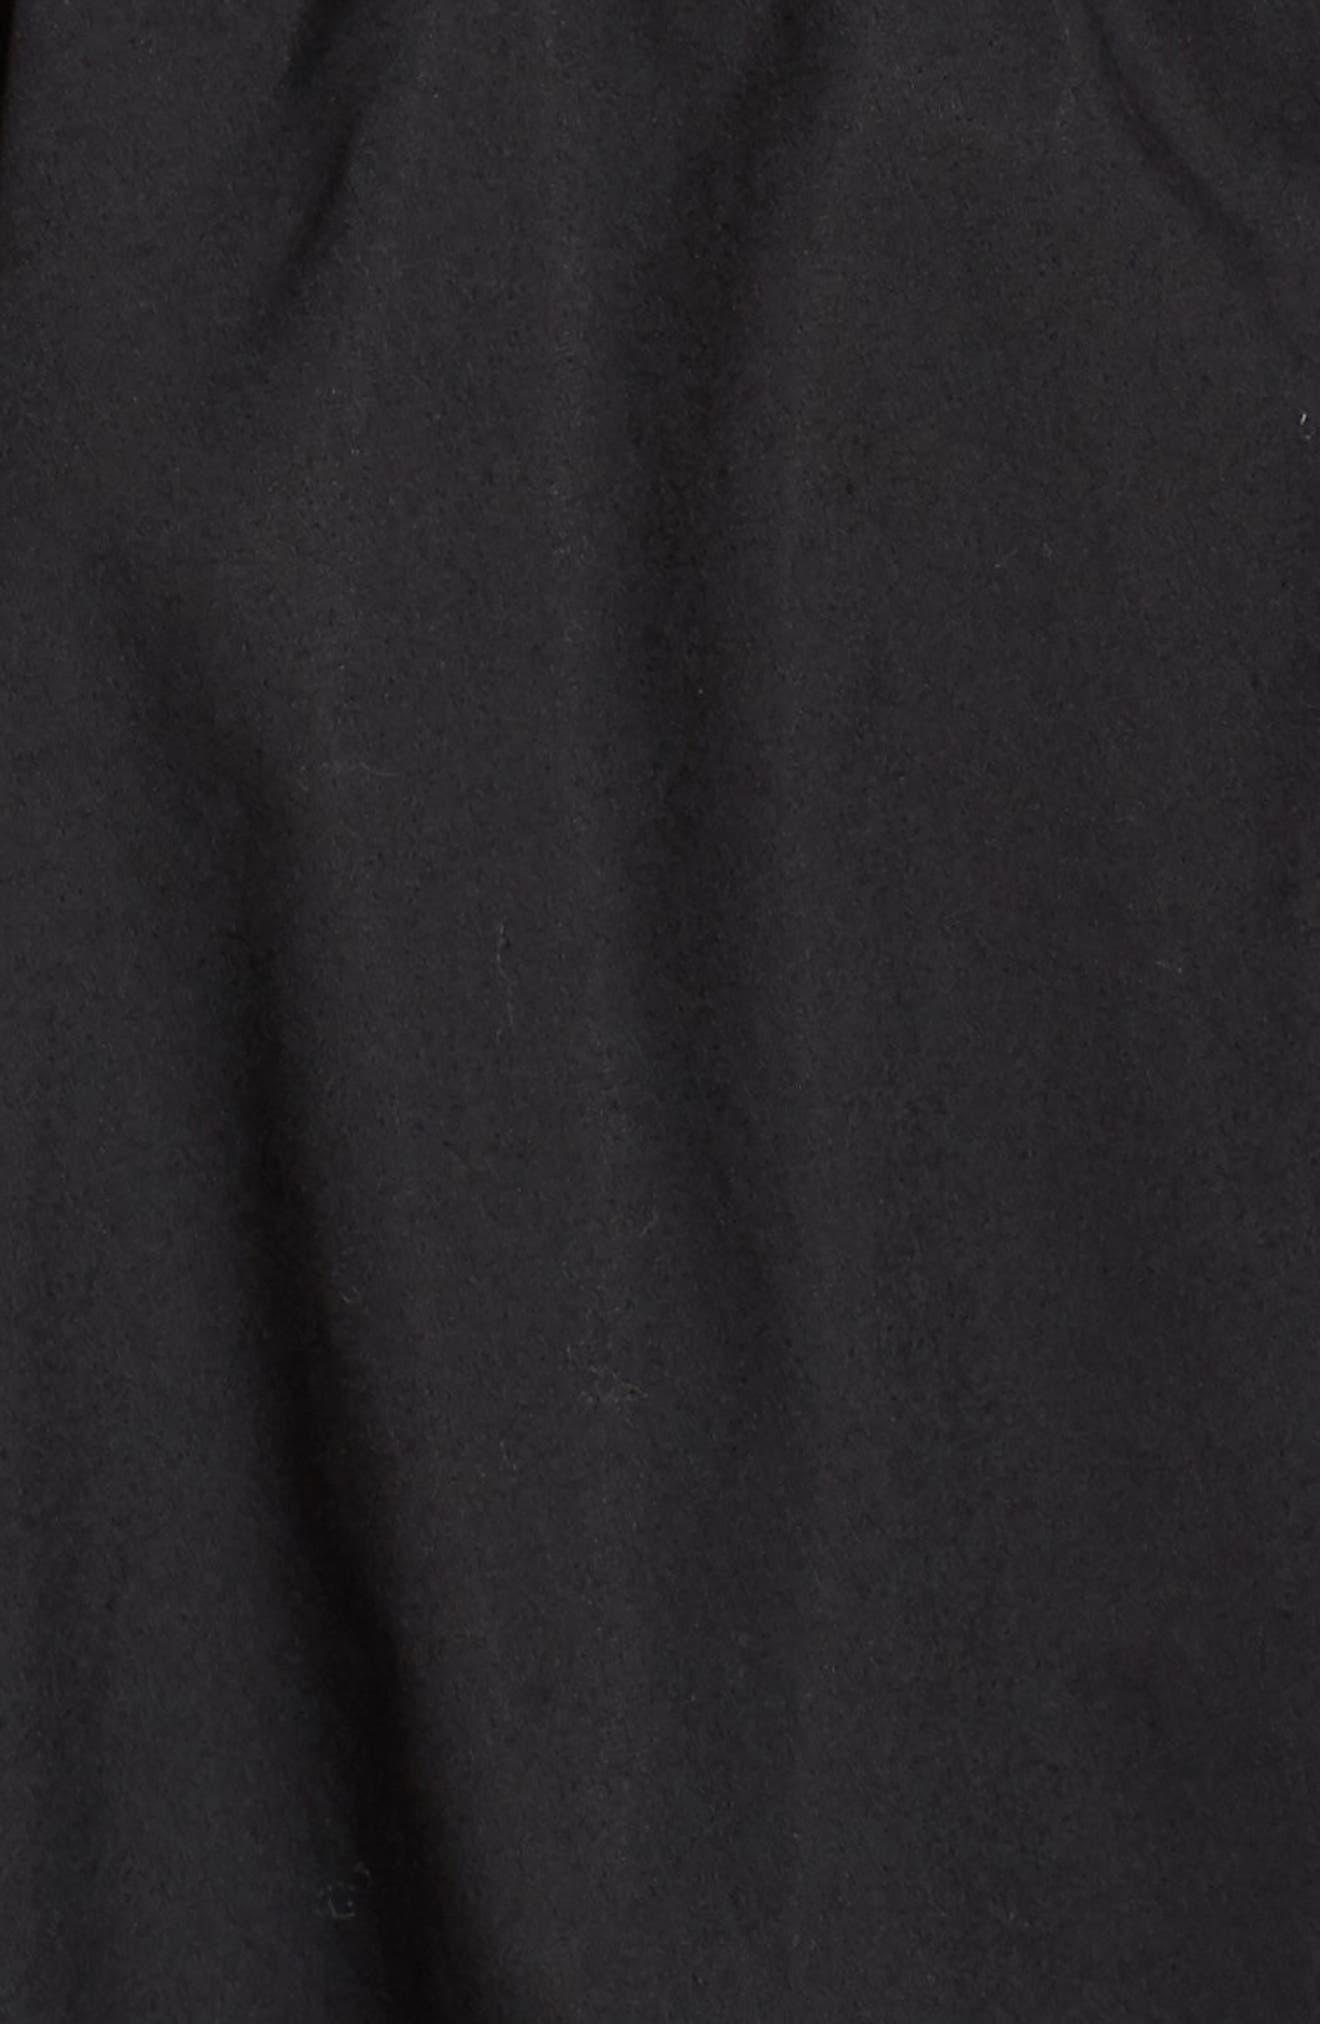 One-Shoulder Fit & Flare Dress,                             Alternate thumbnail 5, color,                             Black